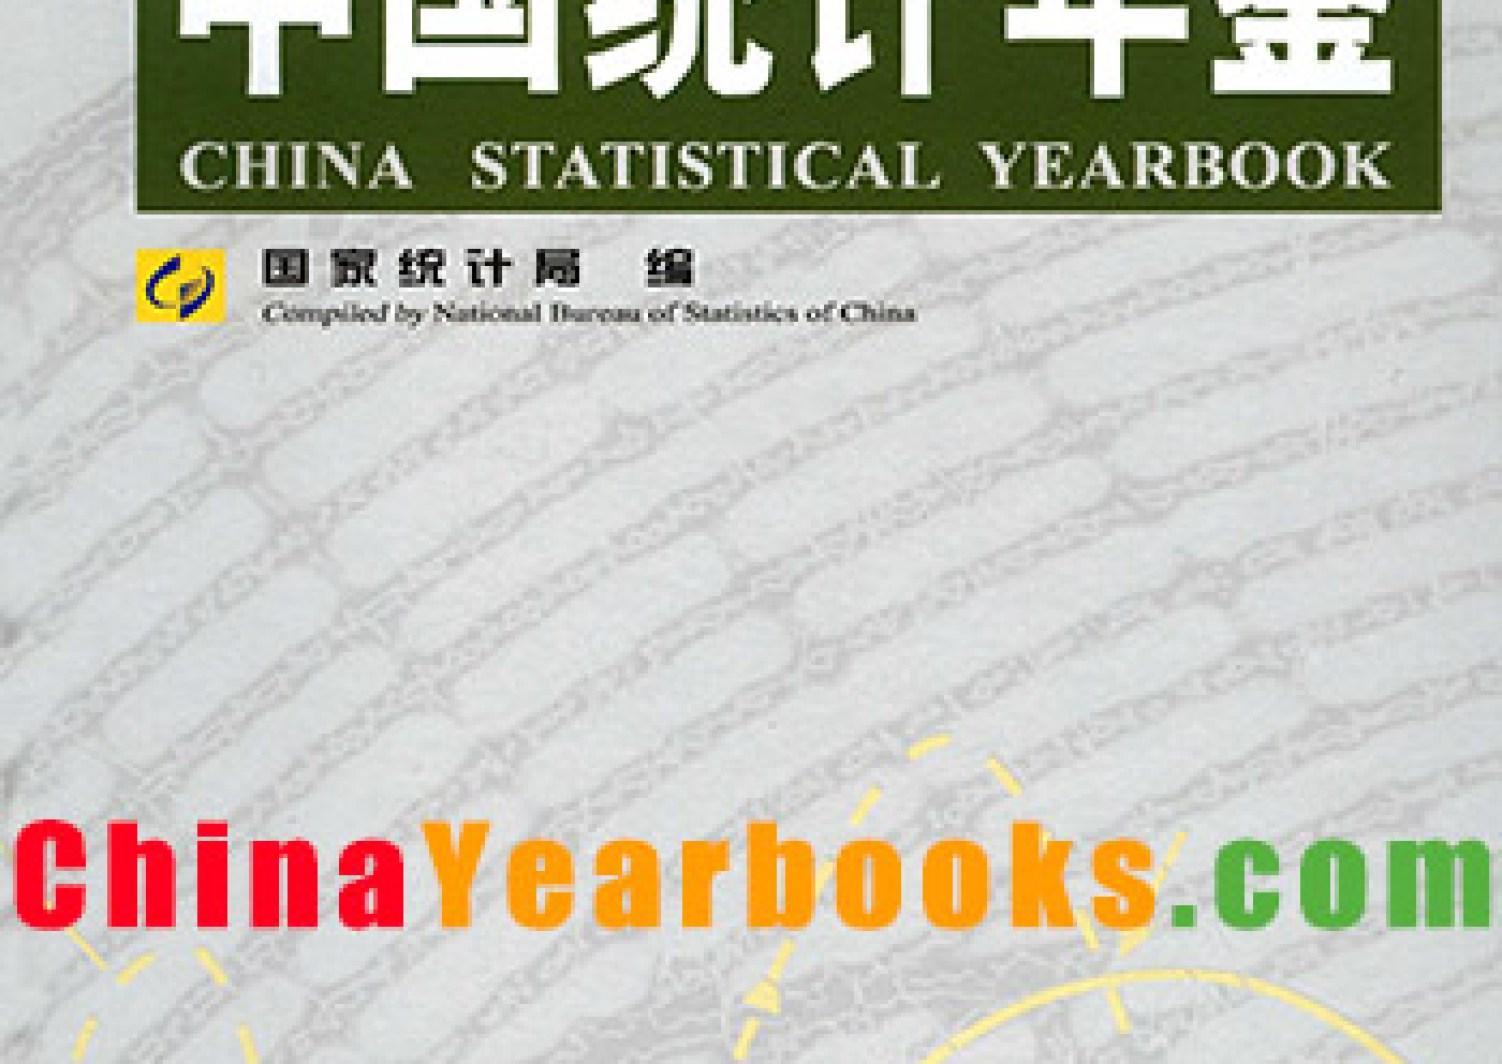 China Statistical Yearbook China Yearbooks